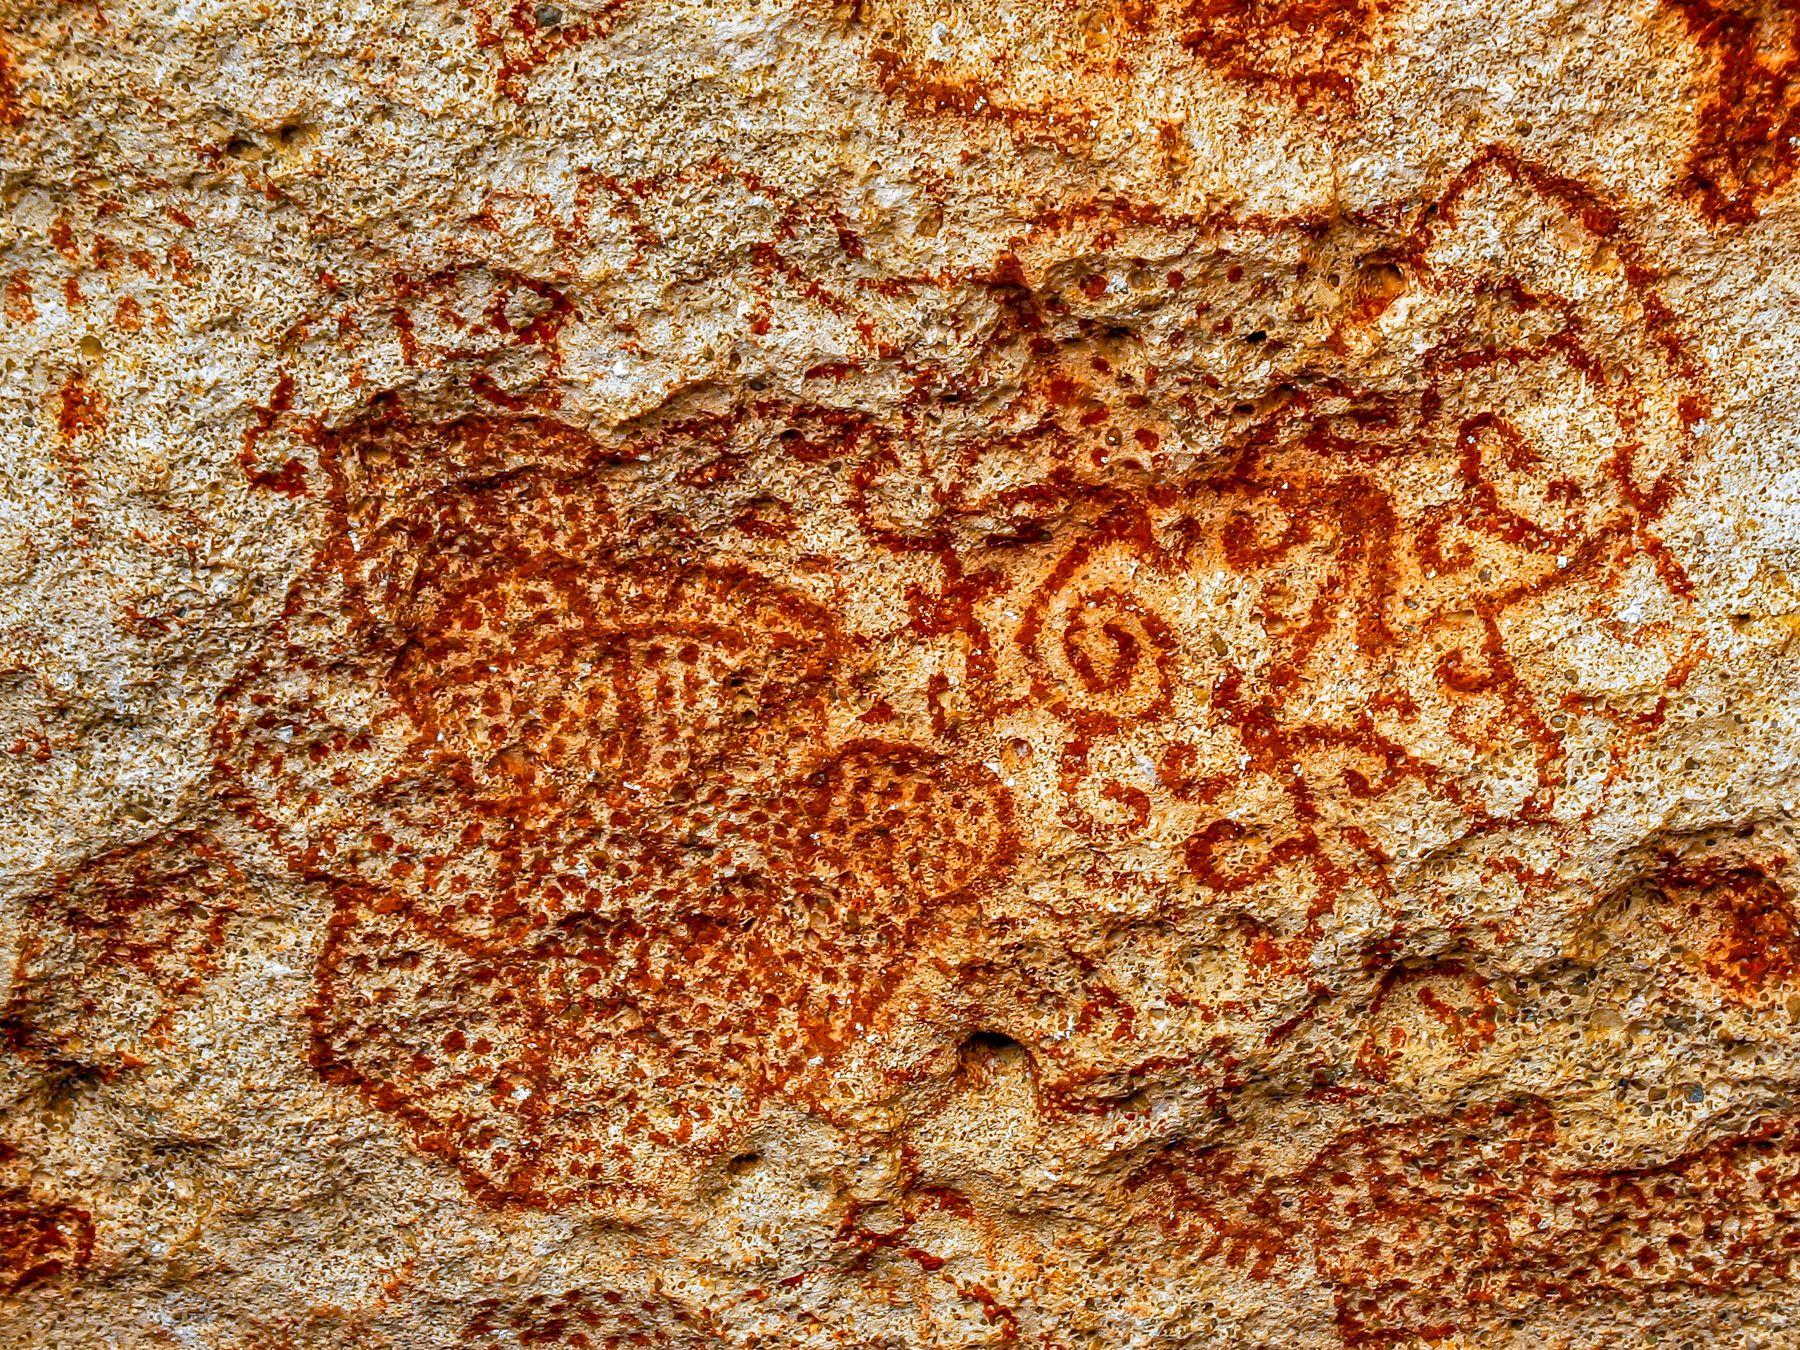 Curacao Arawak rock paintings